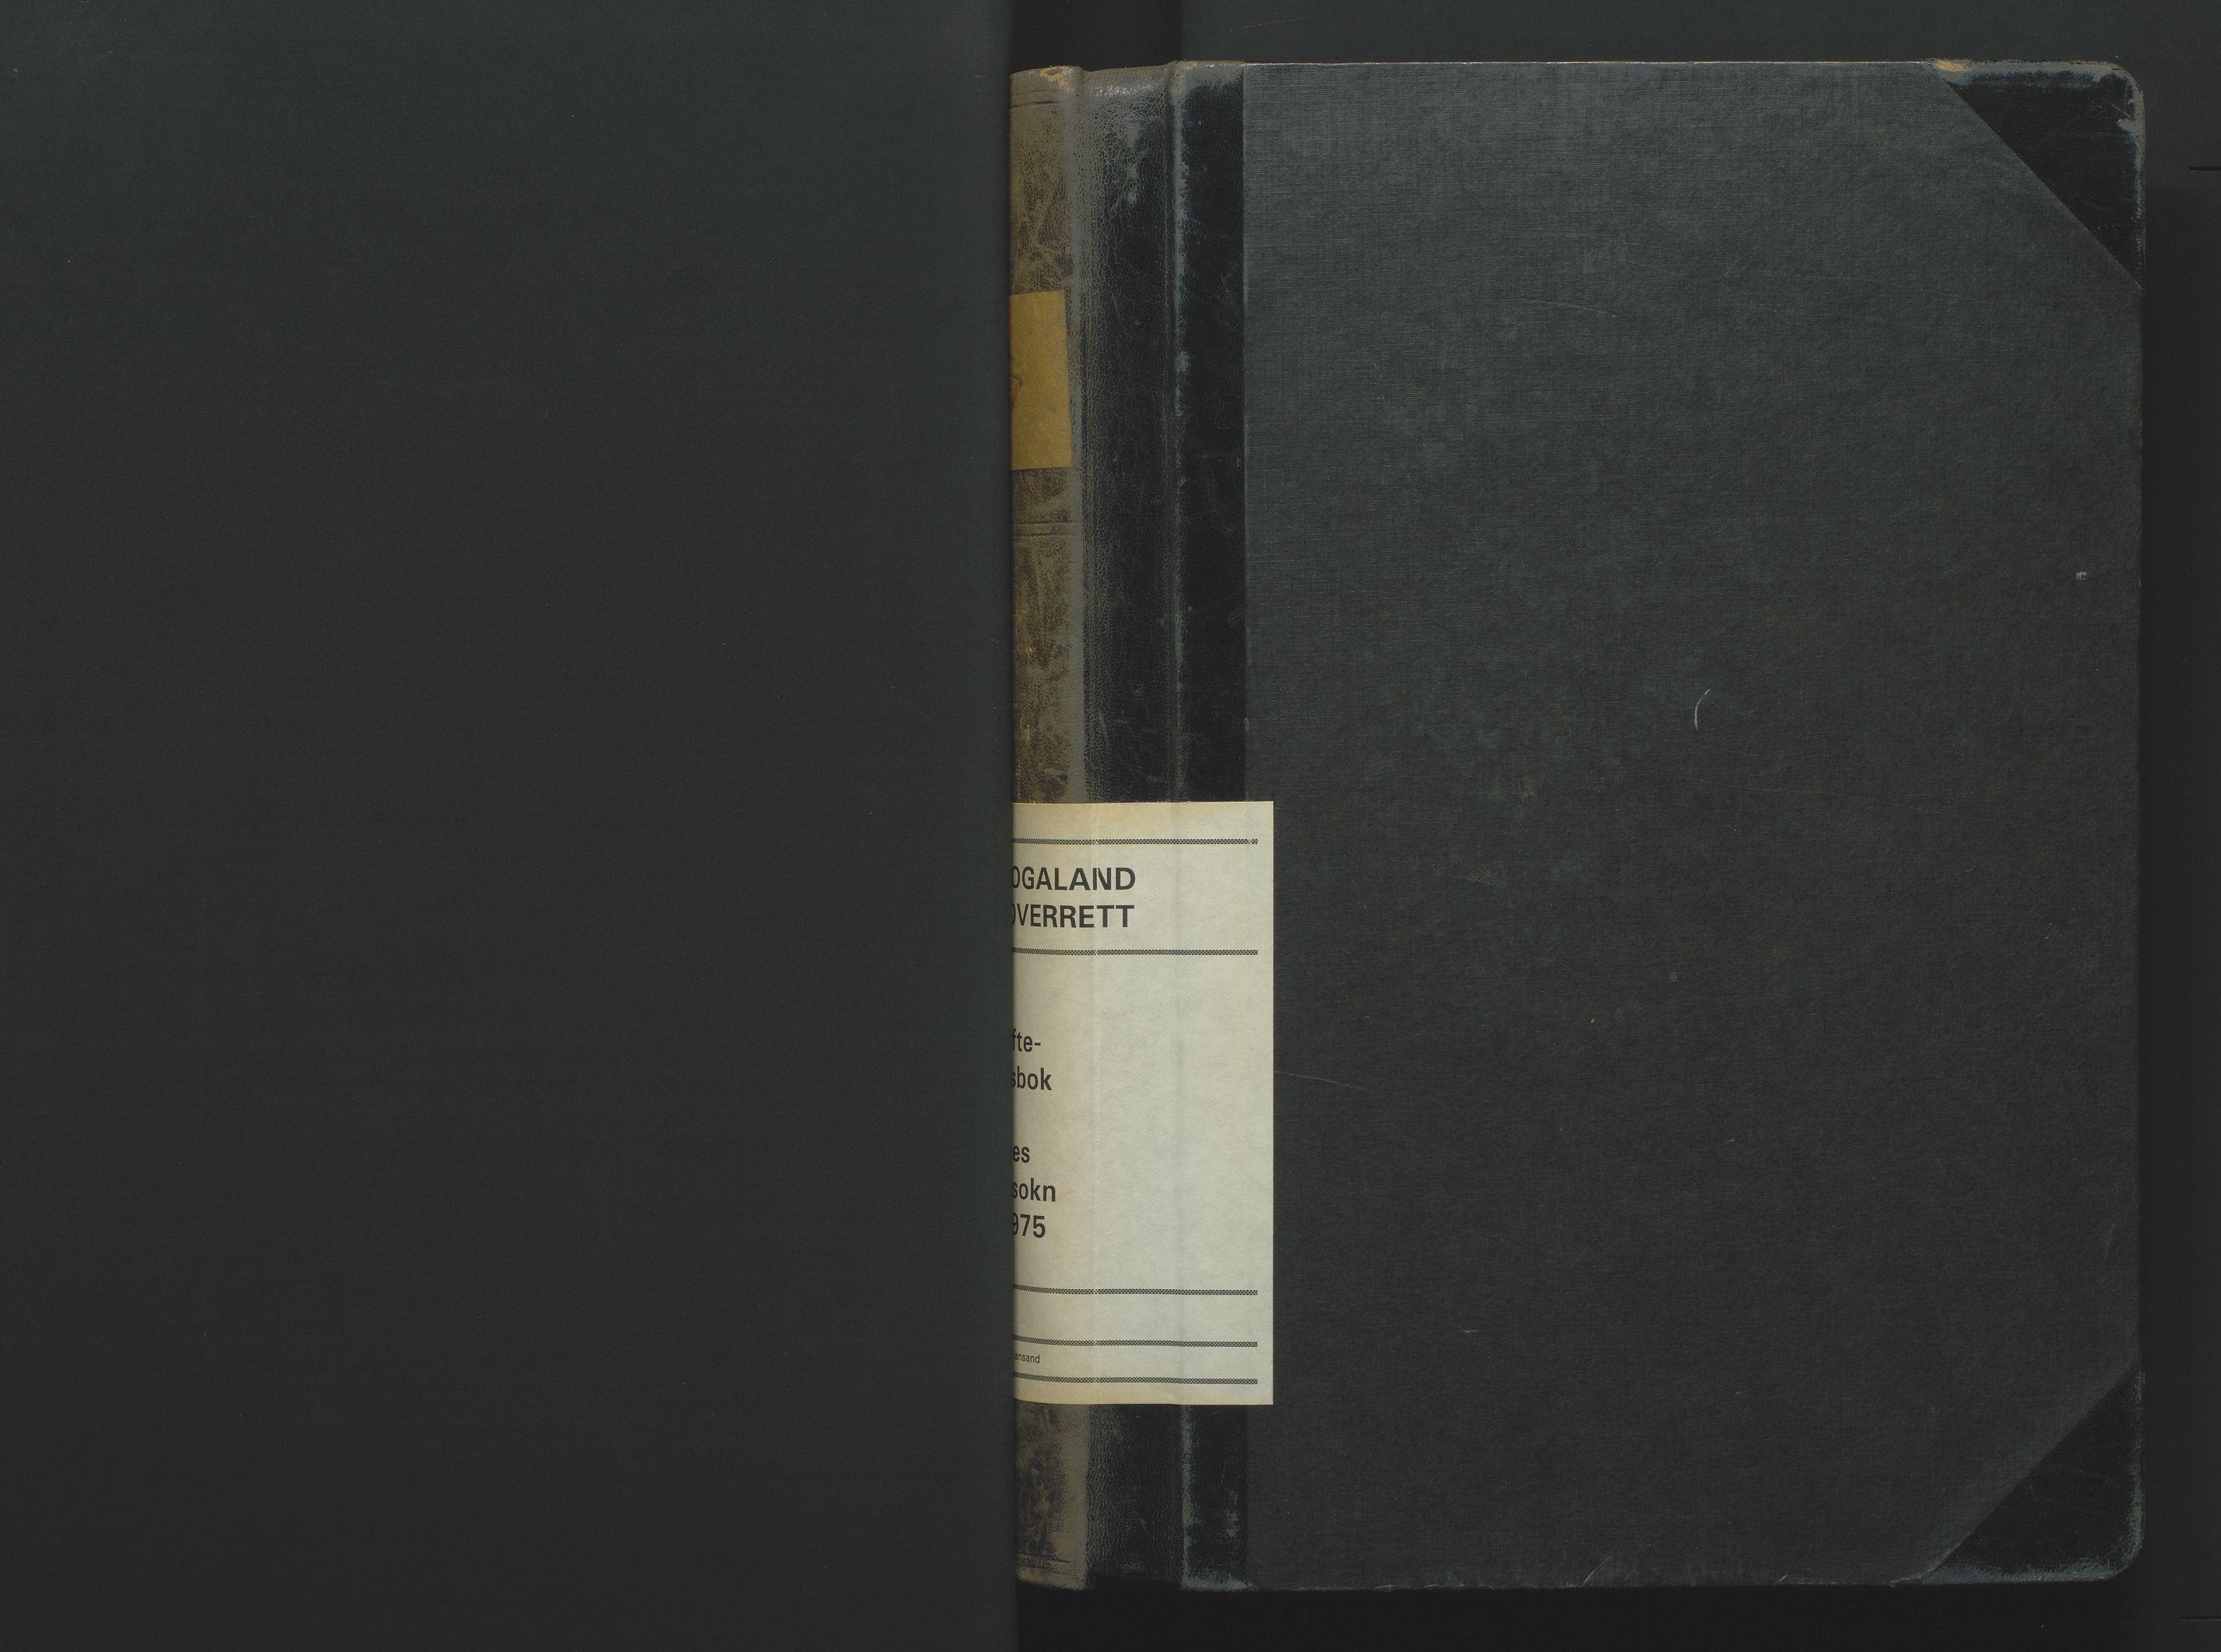 SAK, Jordskifteoverdommeren i Agder og Rogaland, F/Fa/Fab/L0001: Jordskifteoverrettsbok Nedenes jordskiftesokn nr 1, 1952-1975